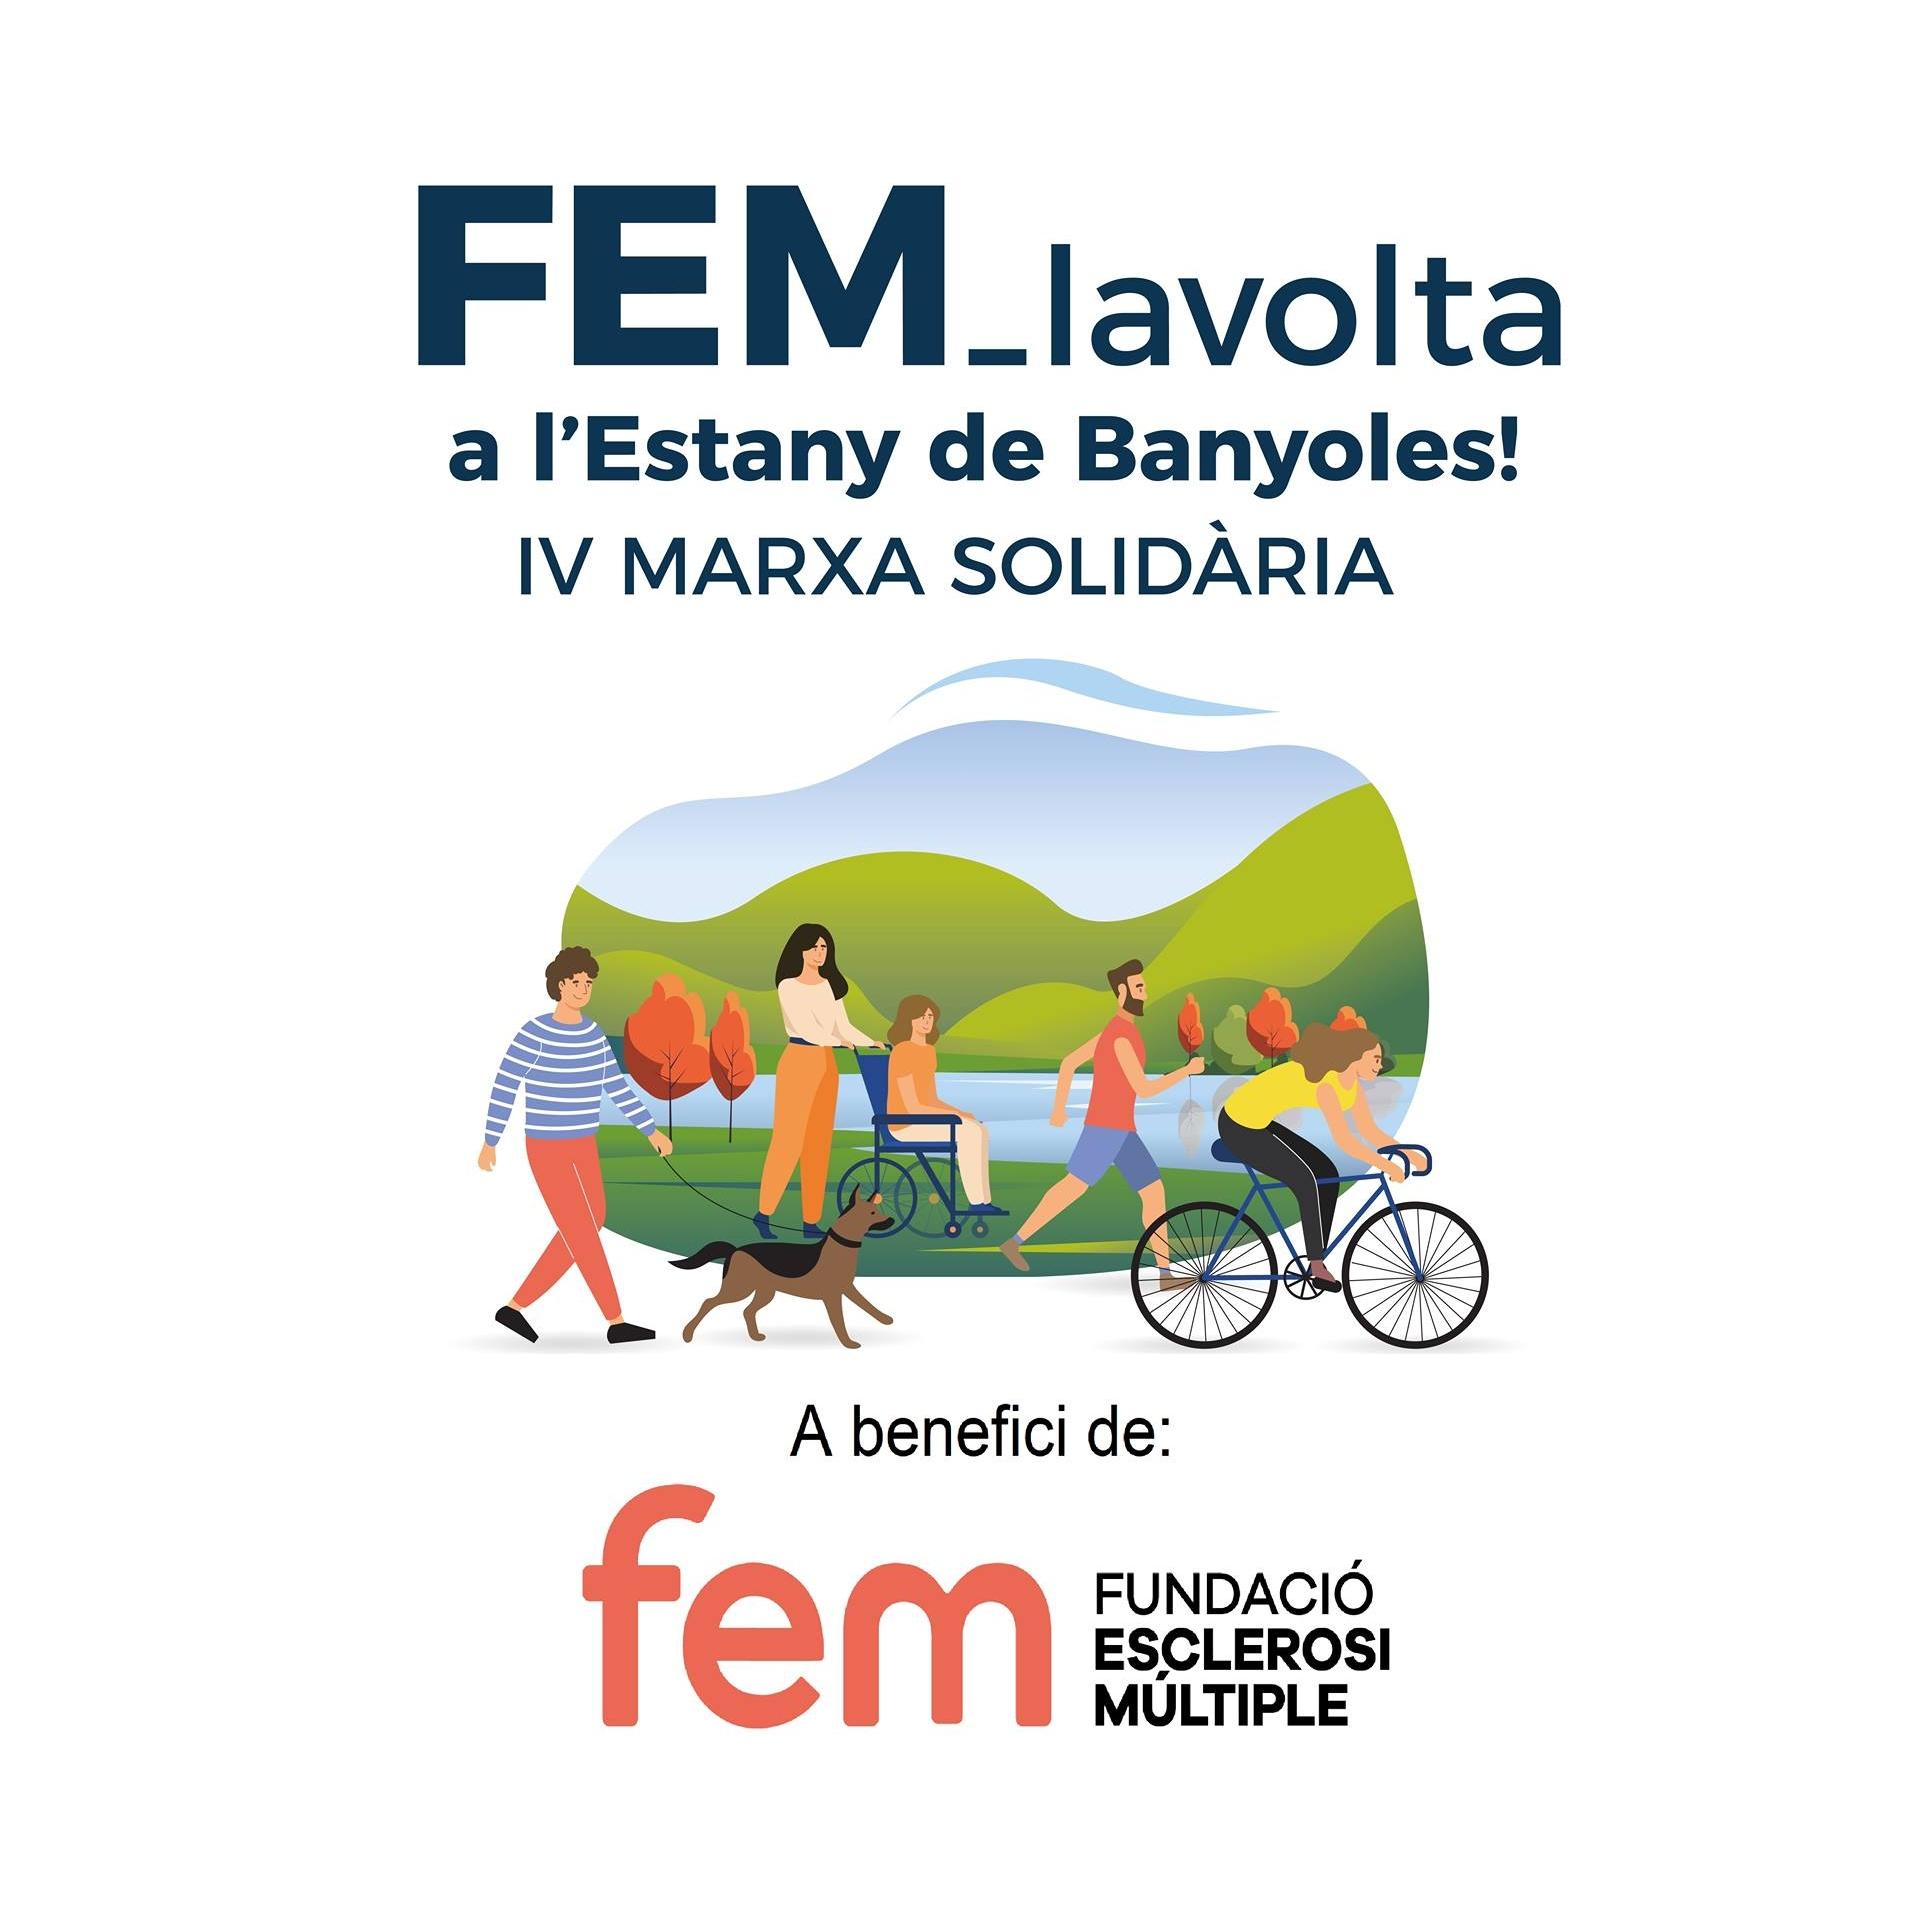 Granés Fundació Ha Col·laborat Un Any Més A La 4a Edició De FEM La Volta A L'estany De Banyoles